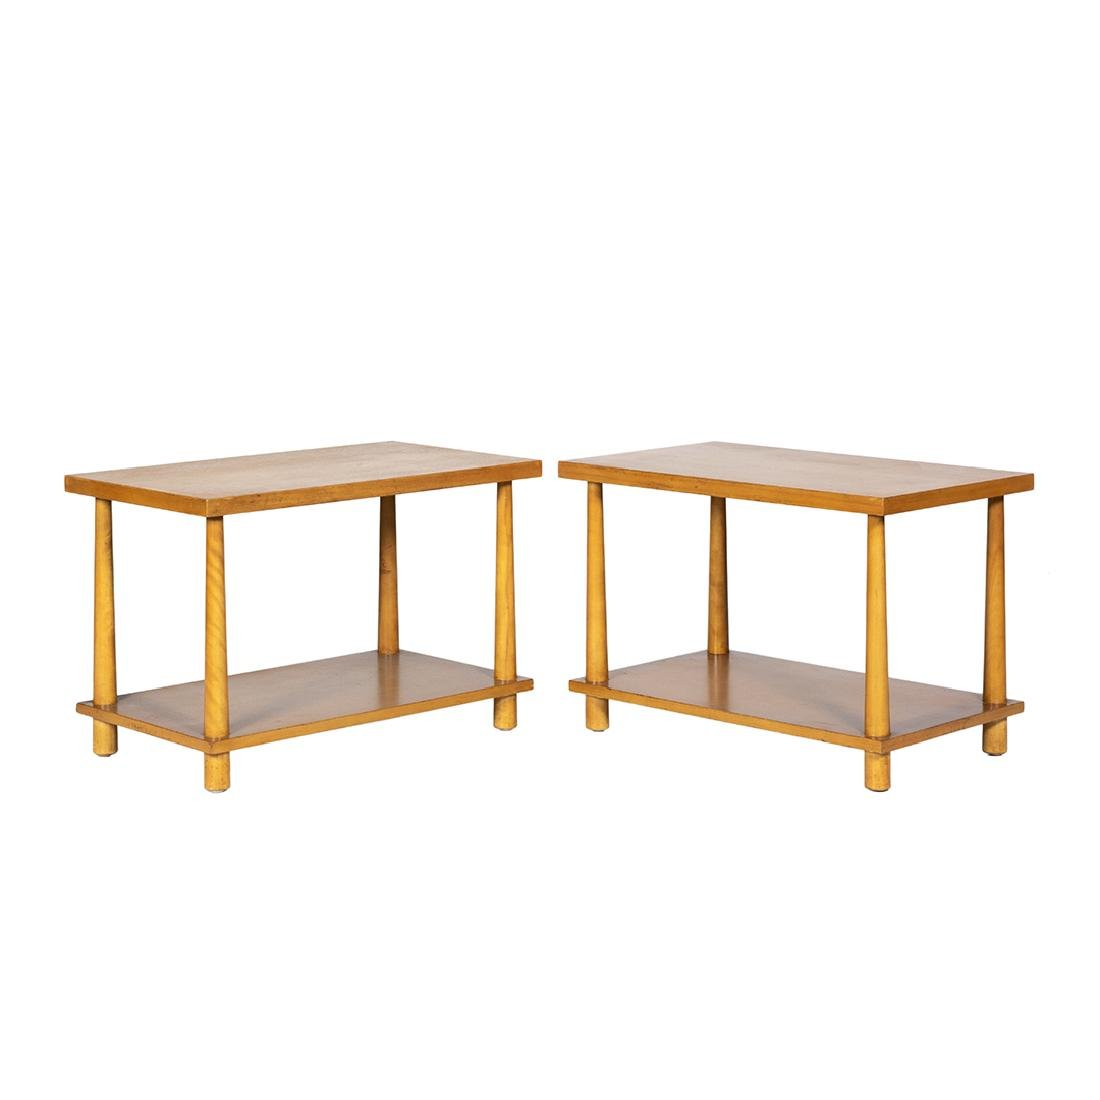 T.H. Robsjohn-Gibbings Side Tables (2)